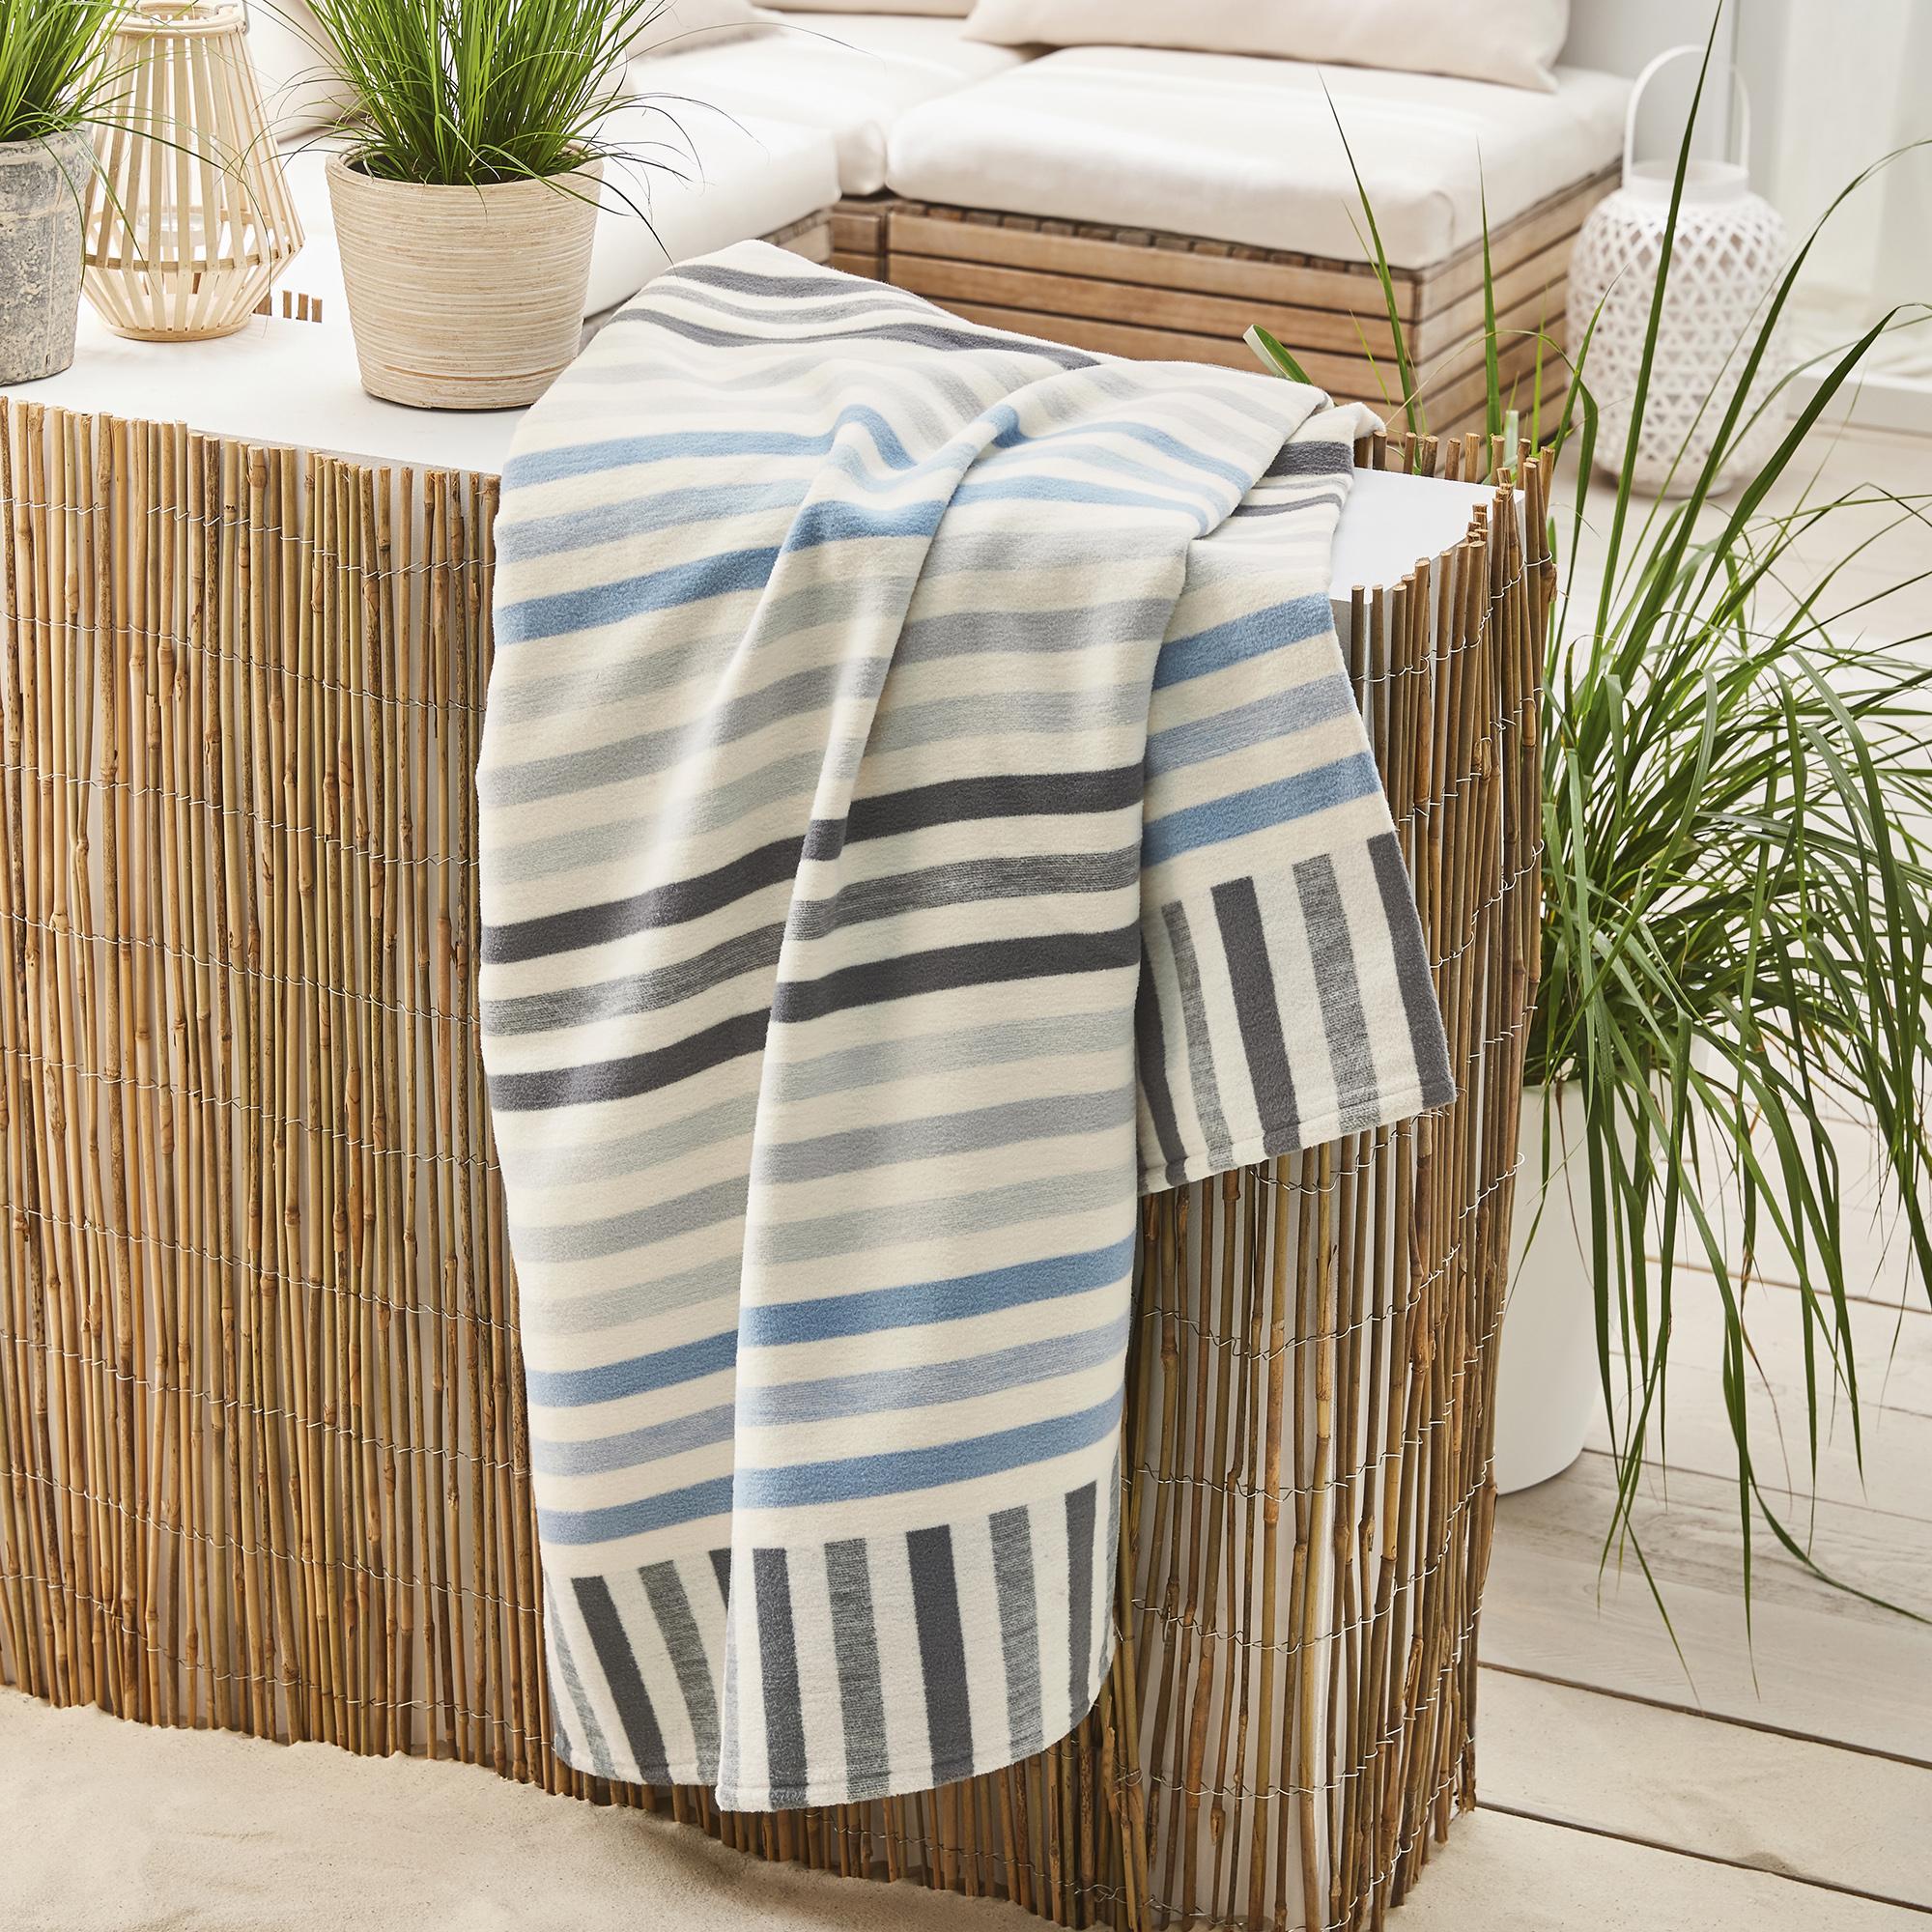 kuscheldecke 100 baumwolle ibena rio 2155 tagedecke natur blau gestreift bio baumwolldecke. Black Bedroom Furniture Sets. Home Design Ideas